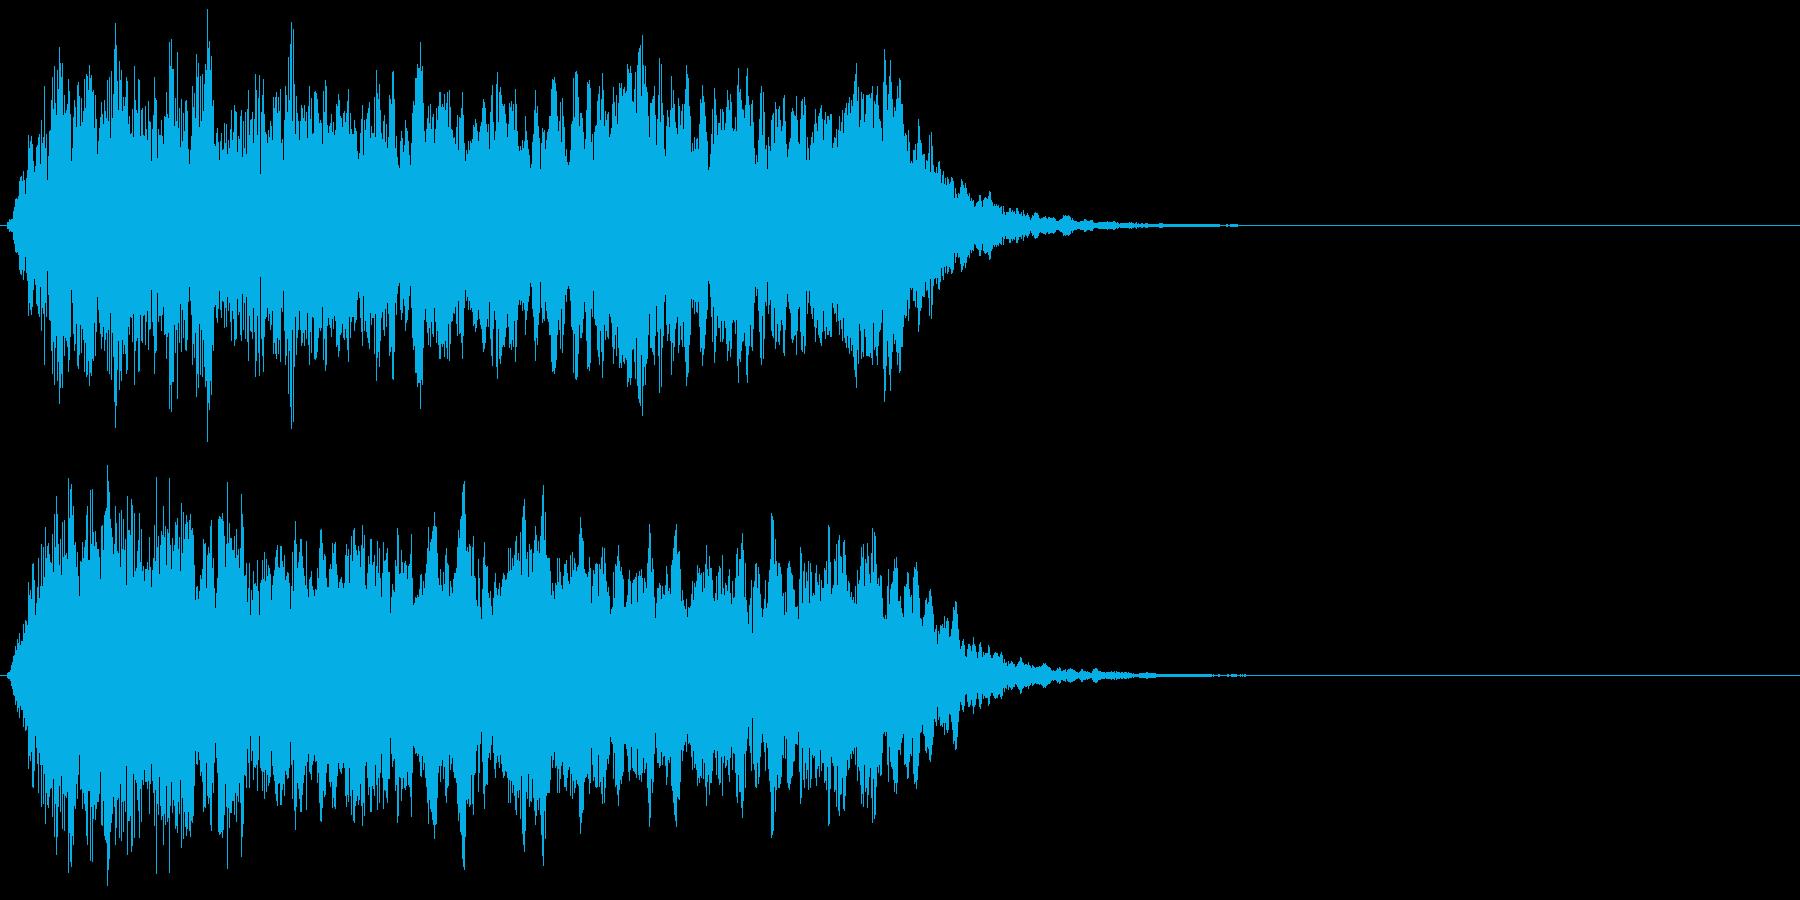 汎用13 アーメン(合唱団)の再生済みの波形